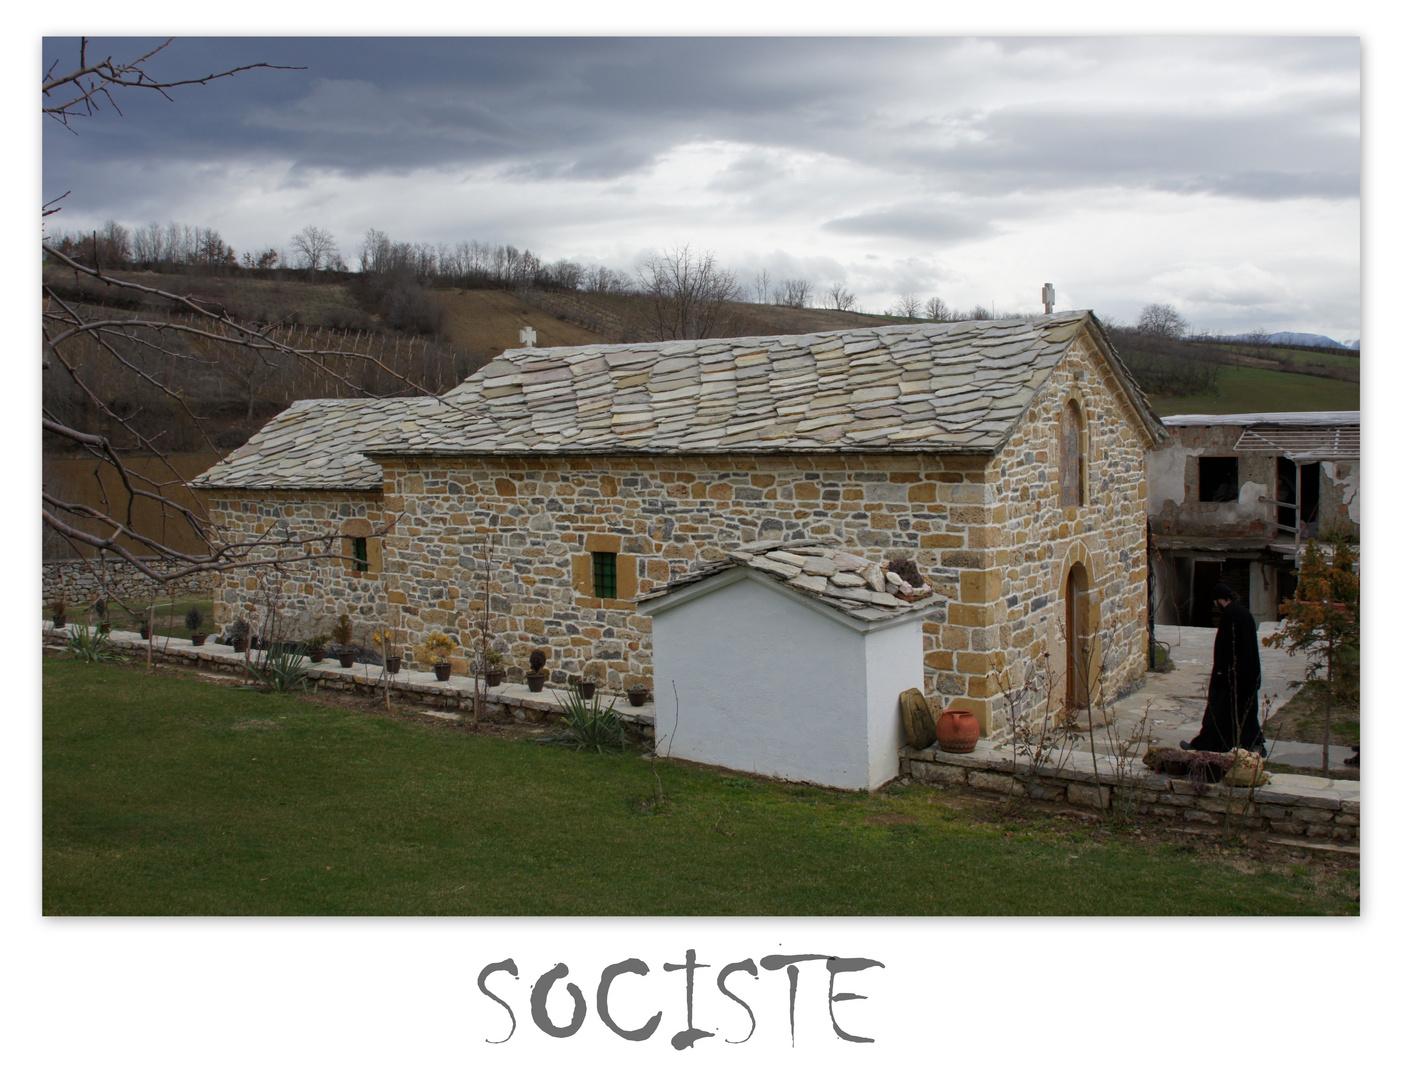 Serbisch Orthodoxe Klosterkapelle in Sociste